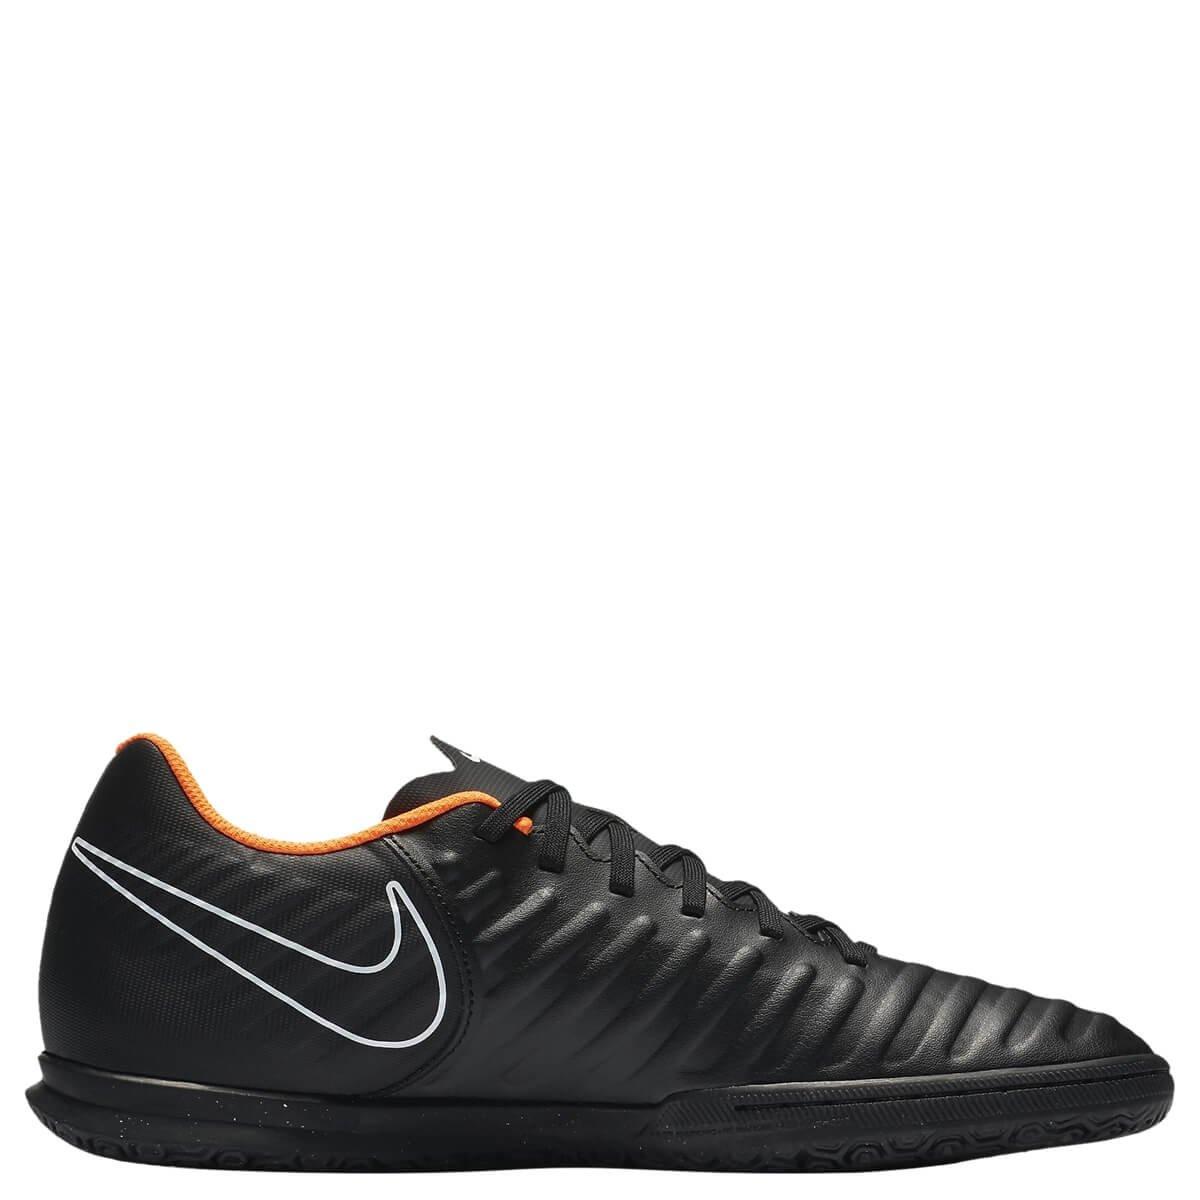 276ed02987 Bizz Store - Chuteira Futsal Masculina Nike TiempoX 7 Legend